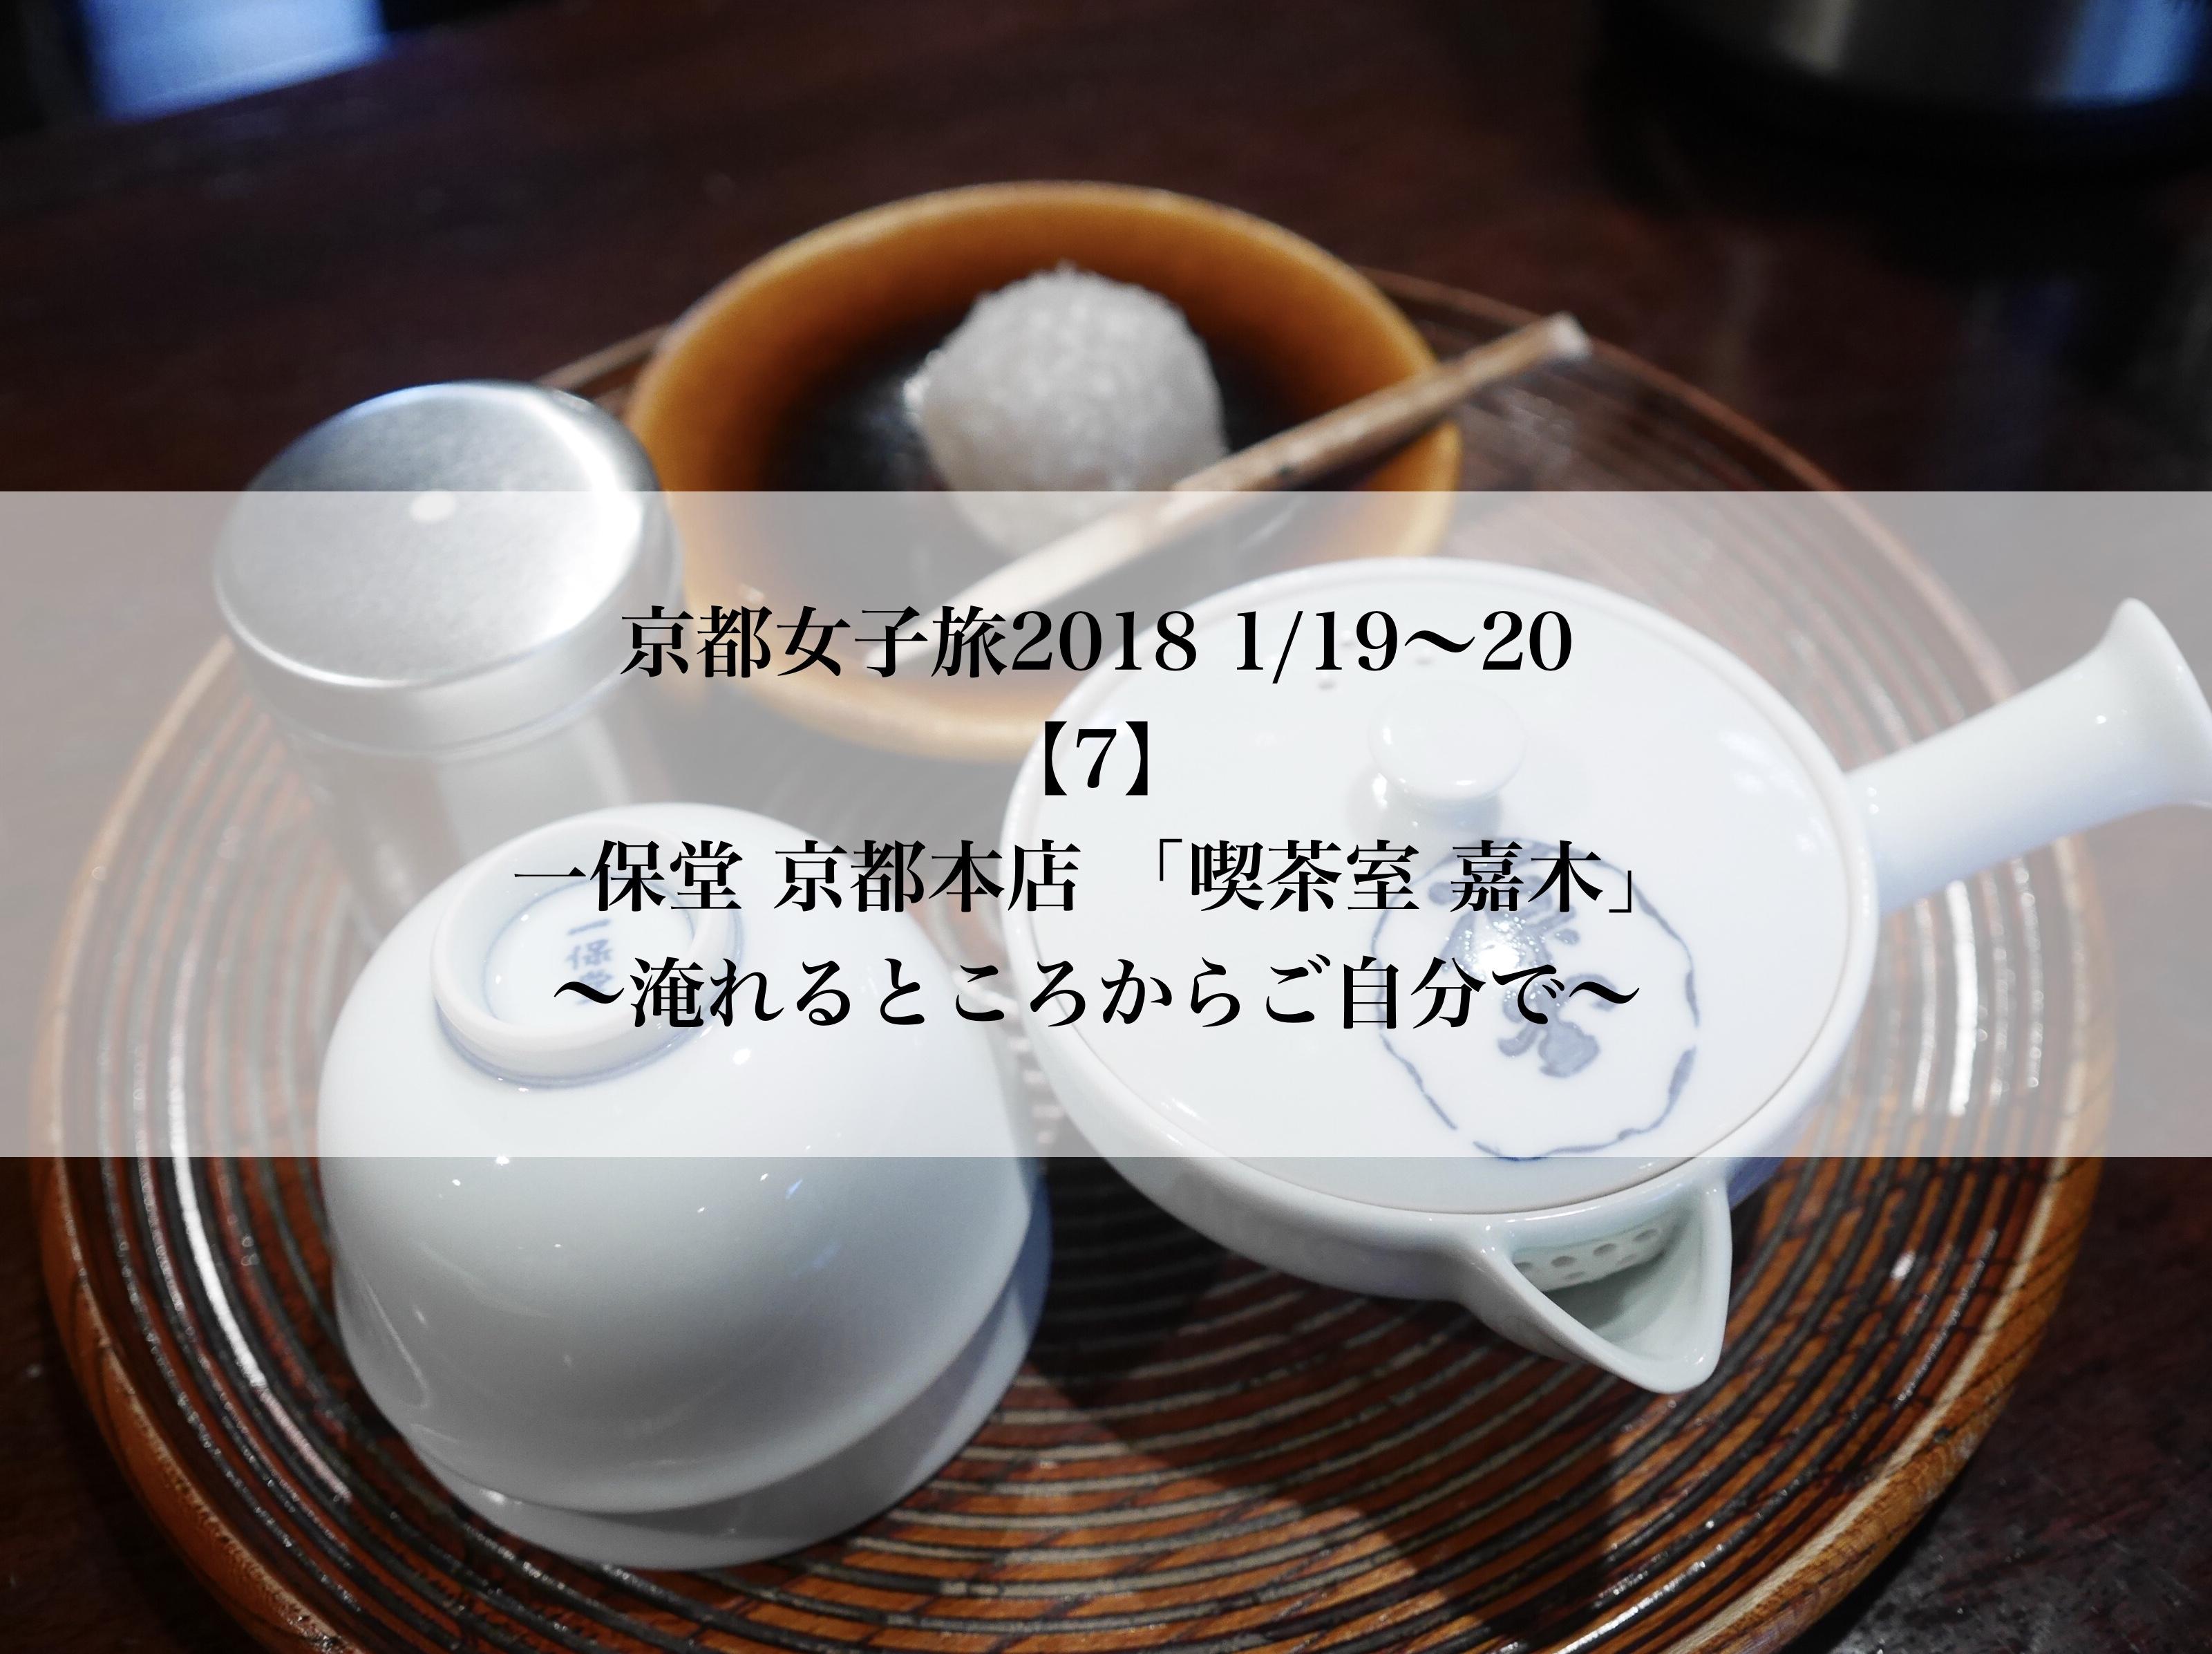 淹れるところからご自分で「一保堂茶舗 」京都本店でお茶を体験。京都女子旅(07/10)